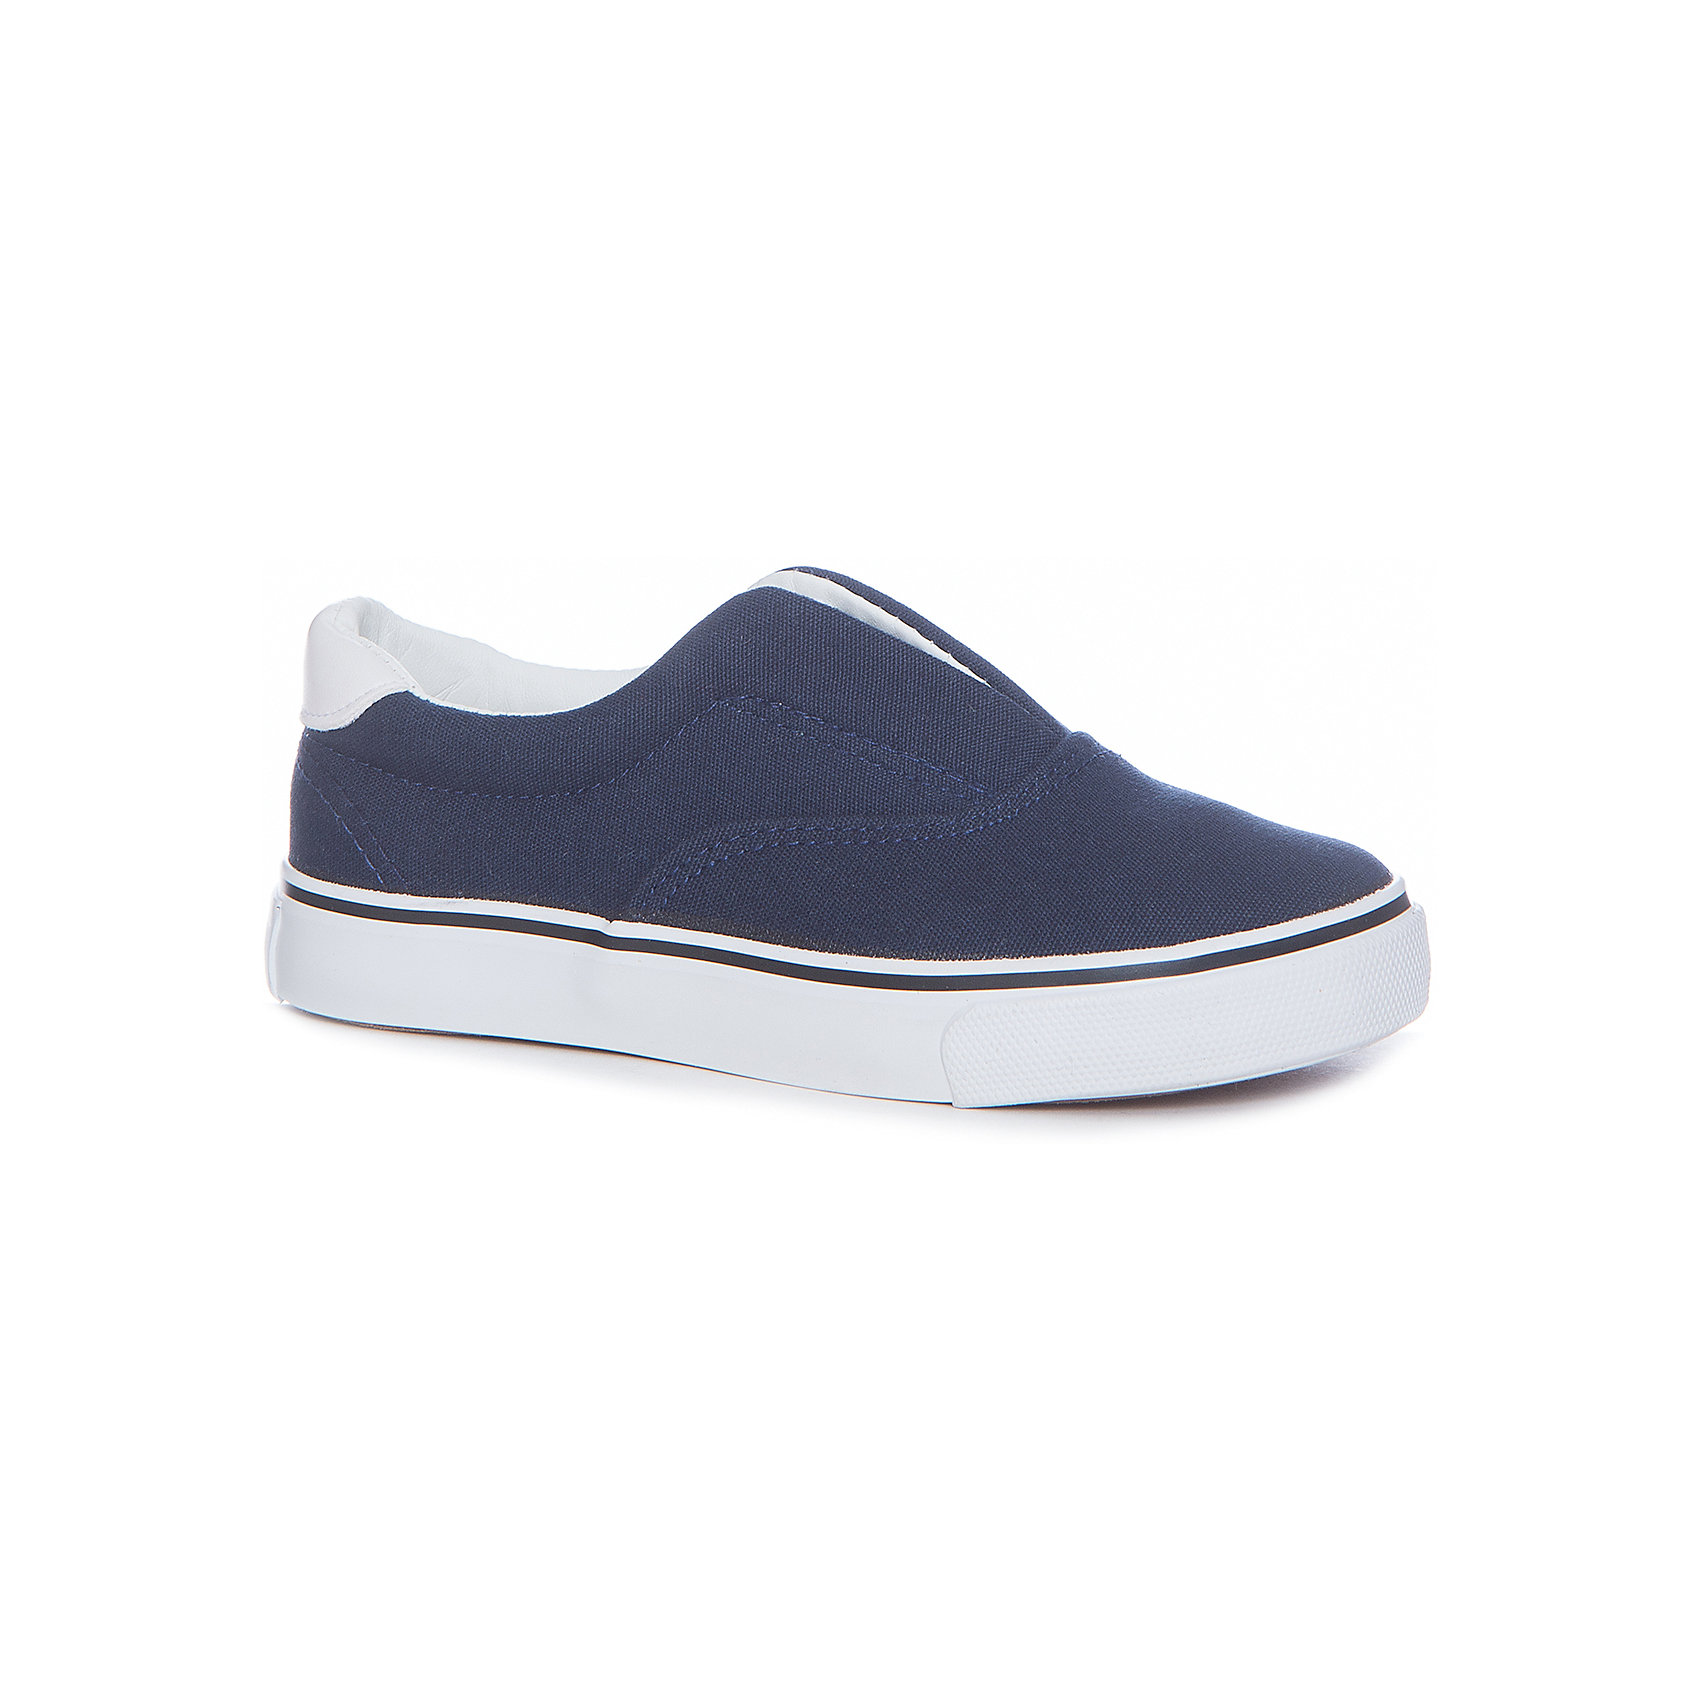 Слипоны для мальчика Button BlueСлипоны<br>Слипоны для мальчика  BUTTON BLUE<br>Текстильная спортивная обувь - хит весенне-летнего сезона! Слипоны, кроссовки, слипоны с легкостью вытеснили из детского гардероба сандалии и туфли. Синие Слипоны от Button Blue - прекрасный летний вариант. Если вы хотите купить стильные и качественные Слипоны для мальчика, эта модель - то, что нужно.<br>Состав:<br>верх: канвас подклад: хлопок стелька: хлопок подошва: резина<br><br>Ширина мм: 250<br>Глубина мм: 150<br>Высота мм: 150<br>Вес г: 250<br>Цвет: синий<br>Возраст от месяцев: 24<br>Возраст до месяцев: 36<br>Пол: Мужской<br>Возраст: Детский<br>Размер: 26,38,27,28,29,30,31,32,33,34,35,36,37<br>SKU: 5524736